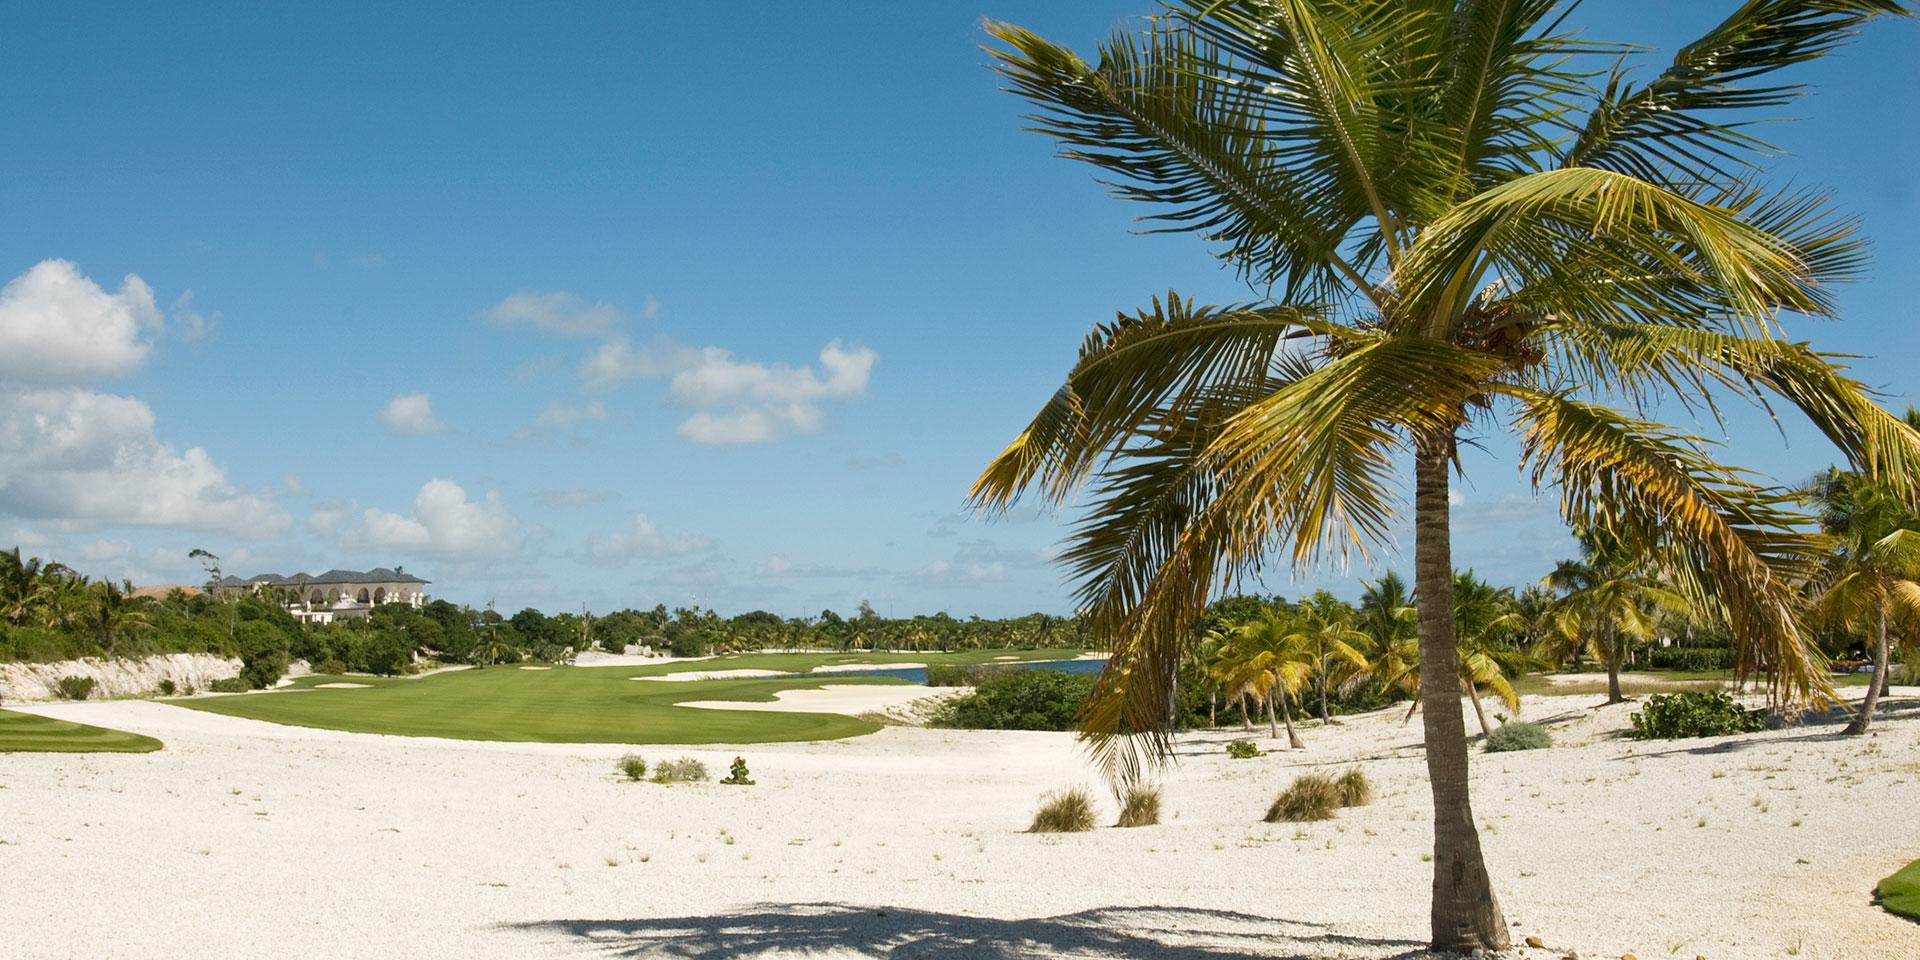 MARRIOTT TRAVELER - Por qué Punta Mita es el Sueno de Todo Amante de Golf     Photo credit: Marriott Traveler